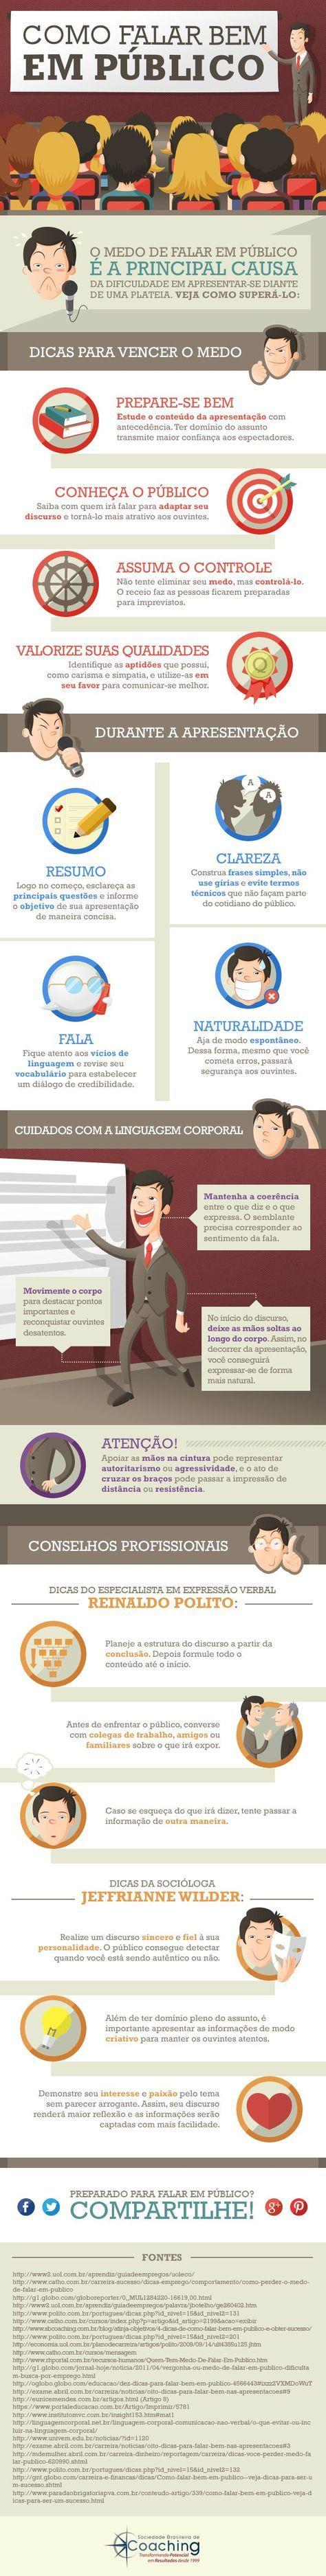 Infográfico - Como falar bem em público e obter sucesso